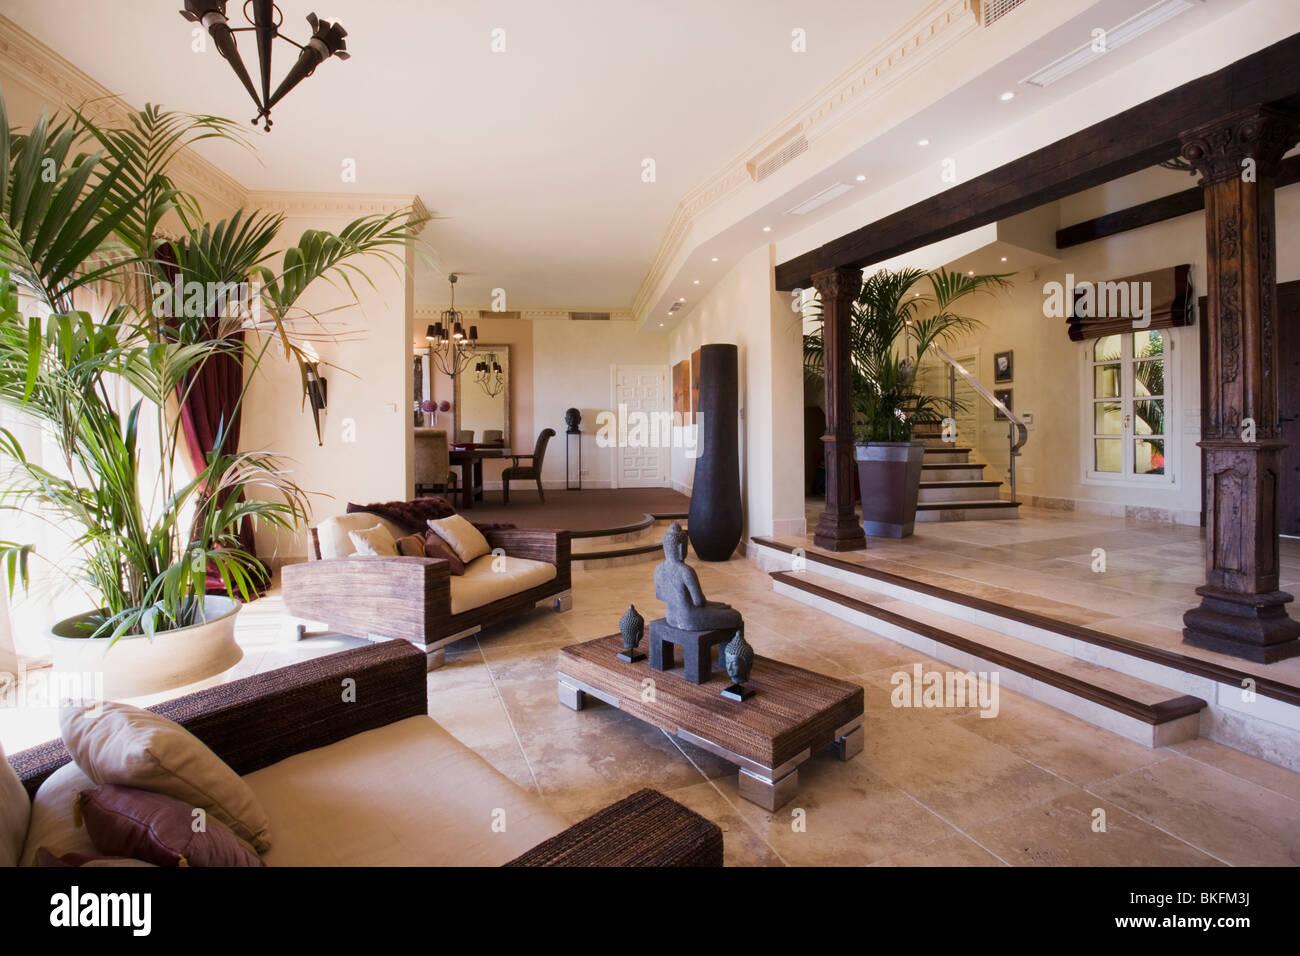 Große Wohnzimmer | Grosse Zimmerpflanze Im Saal Auf Zwei Ebenen Offene Wohnzimmer Mit